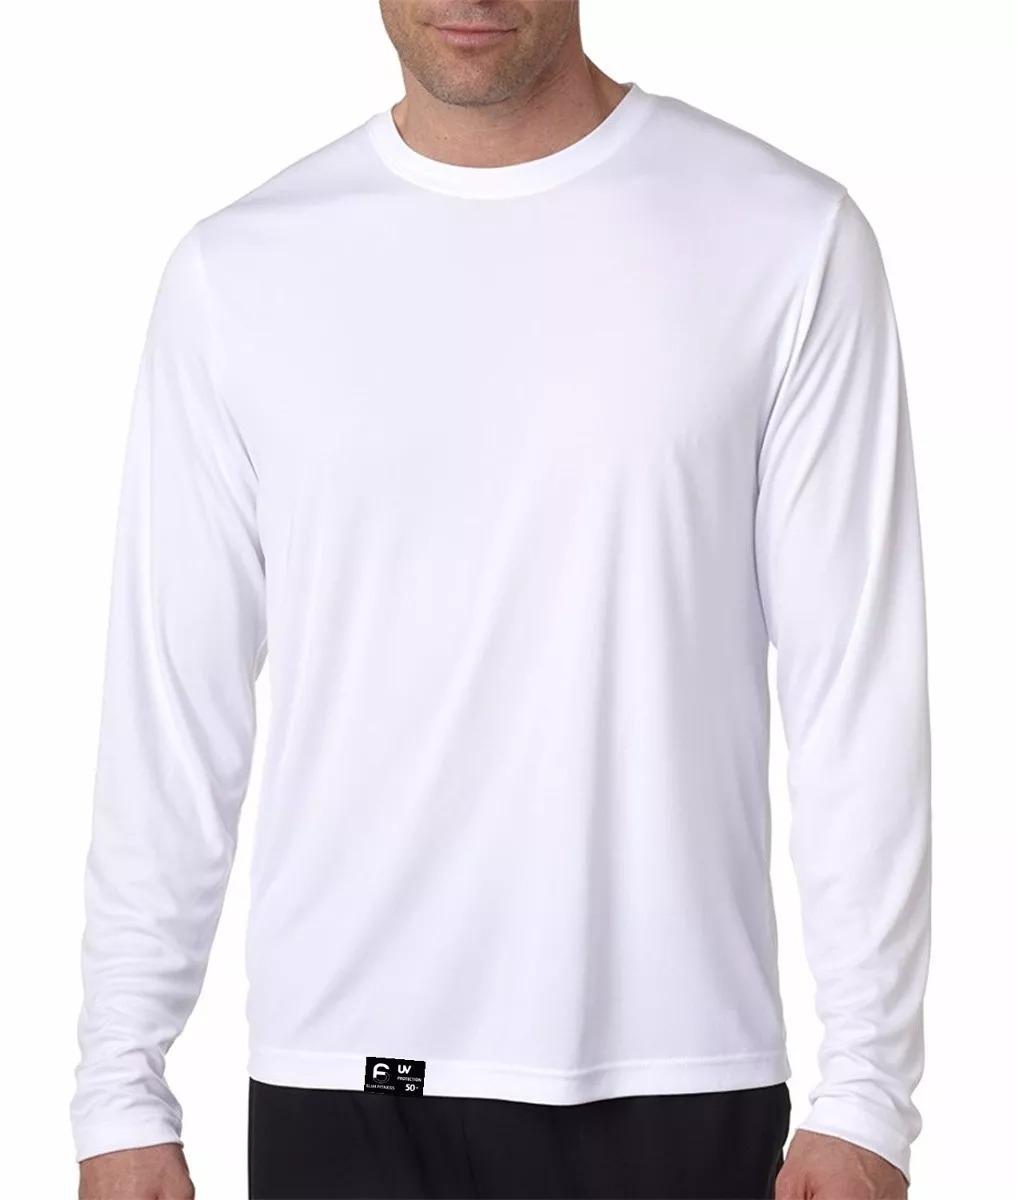 camisa térmica masculina segunda pele praia surf proteção uv. Carregando  zoom. 46c45821be26b